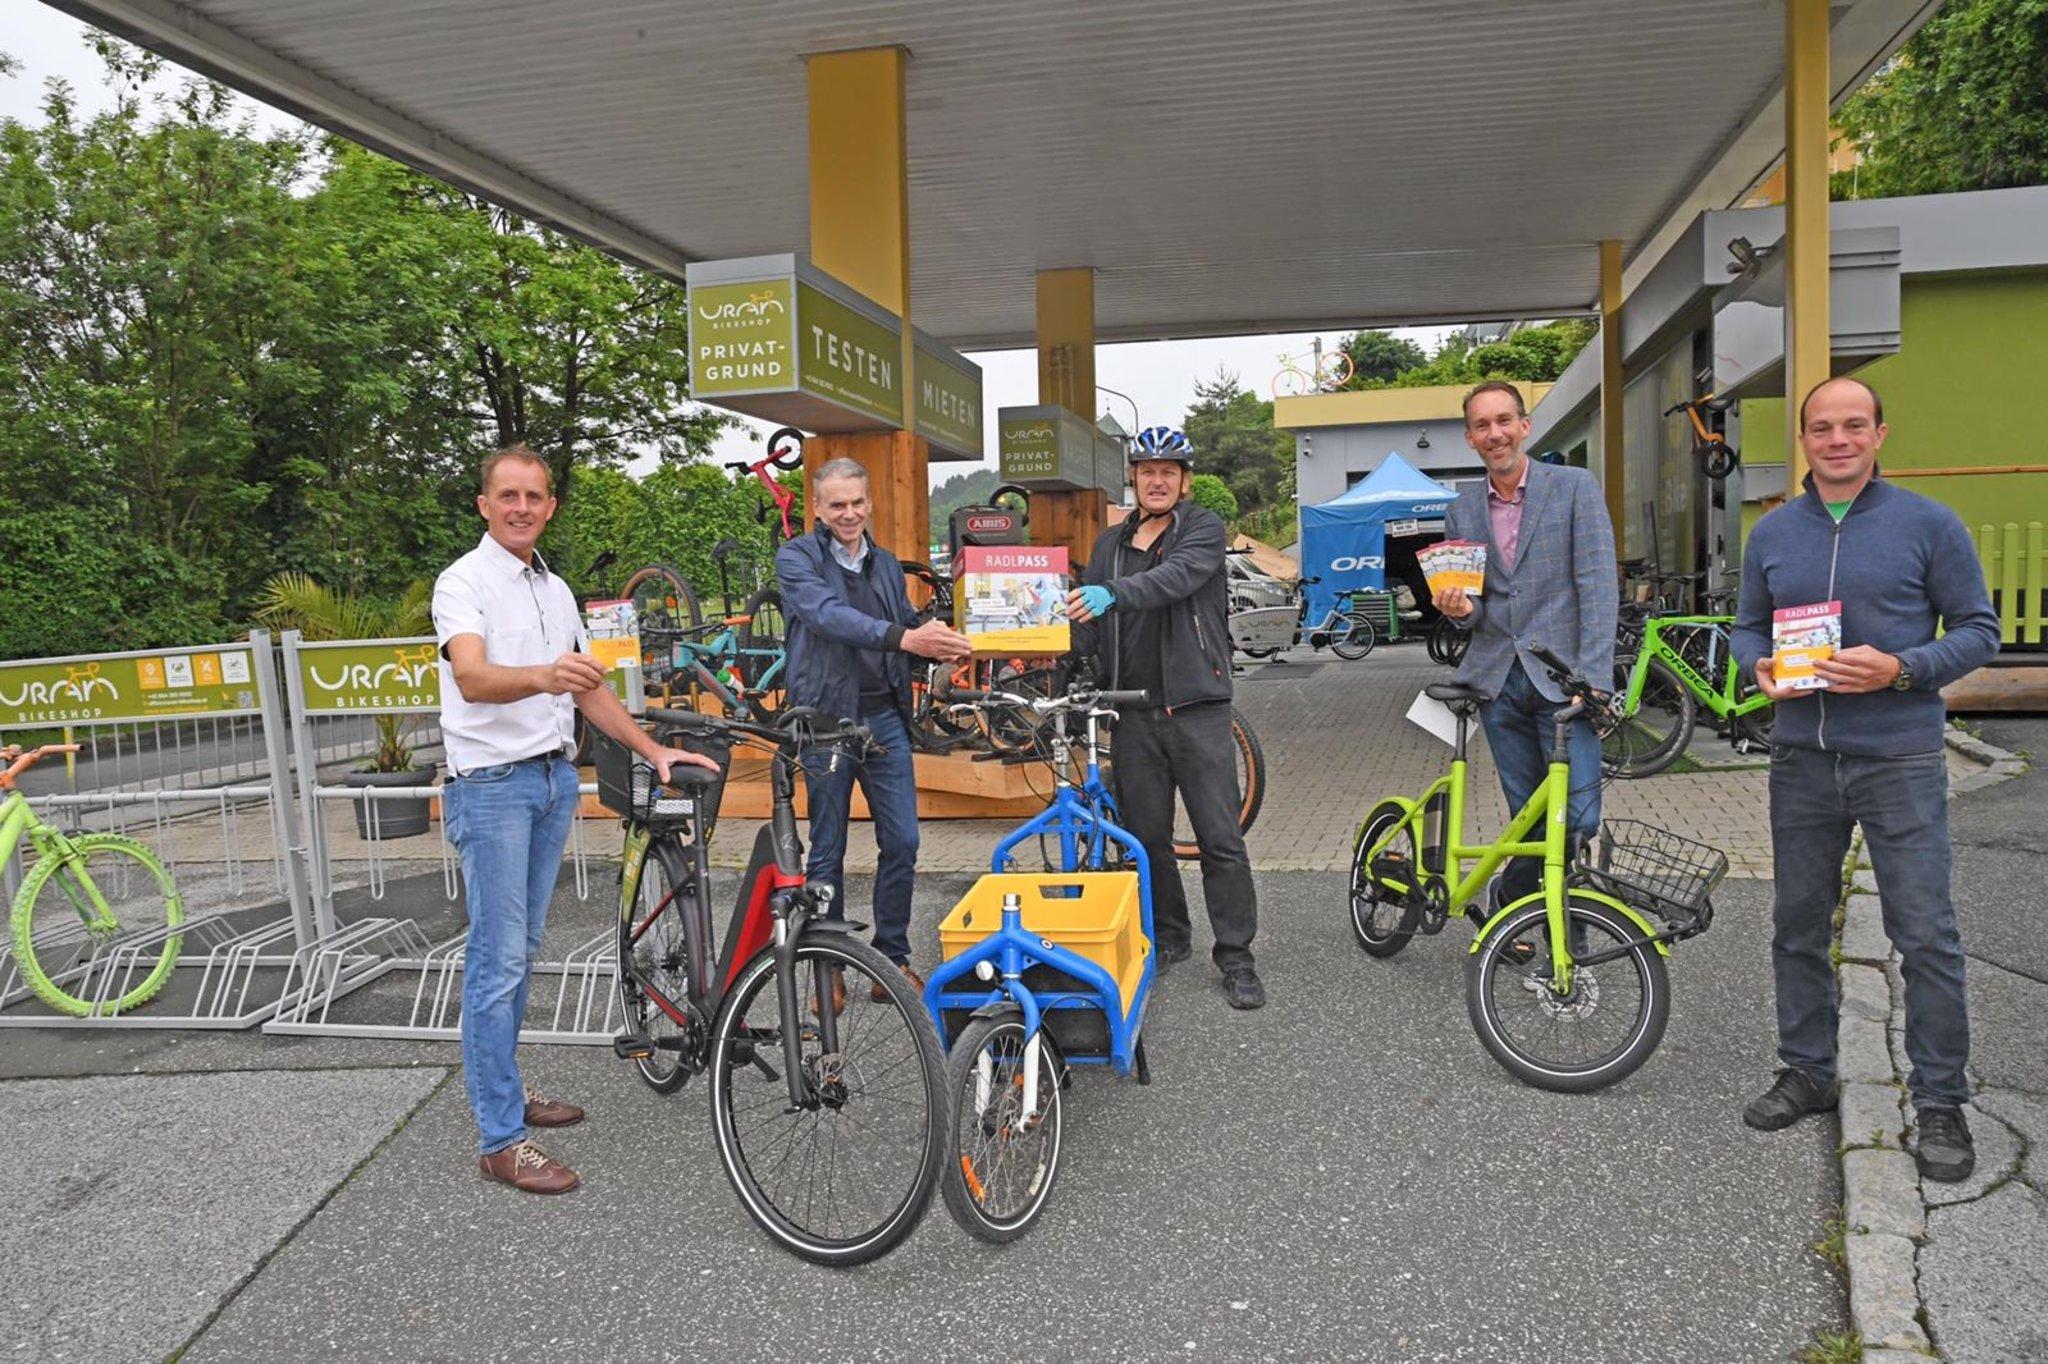 """Aktion """"FahrRad jeden Tag"""": Radfahren und gewinnen Villach"""